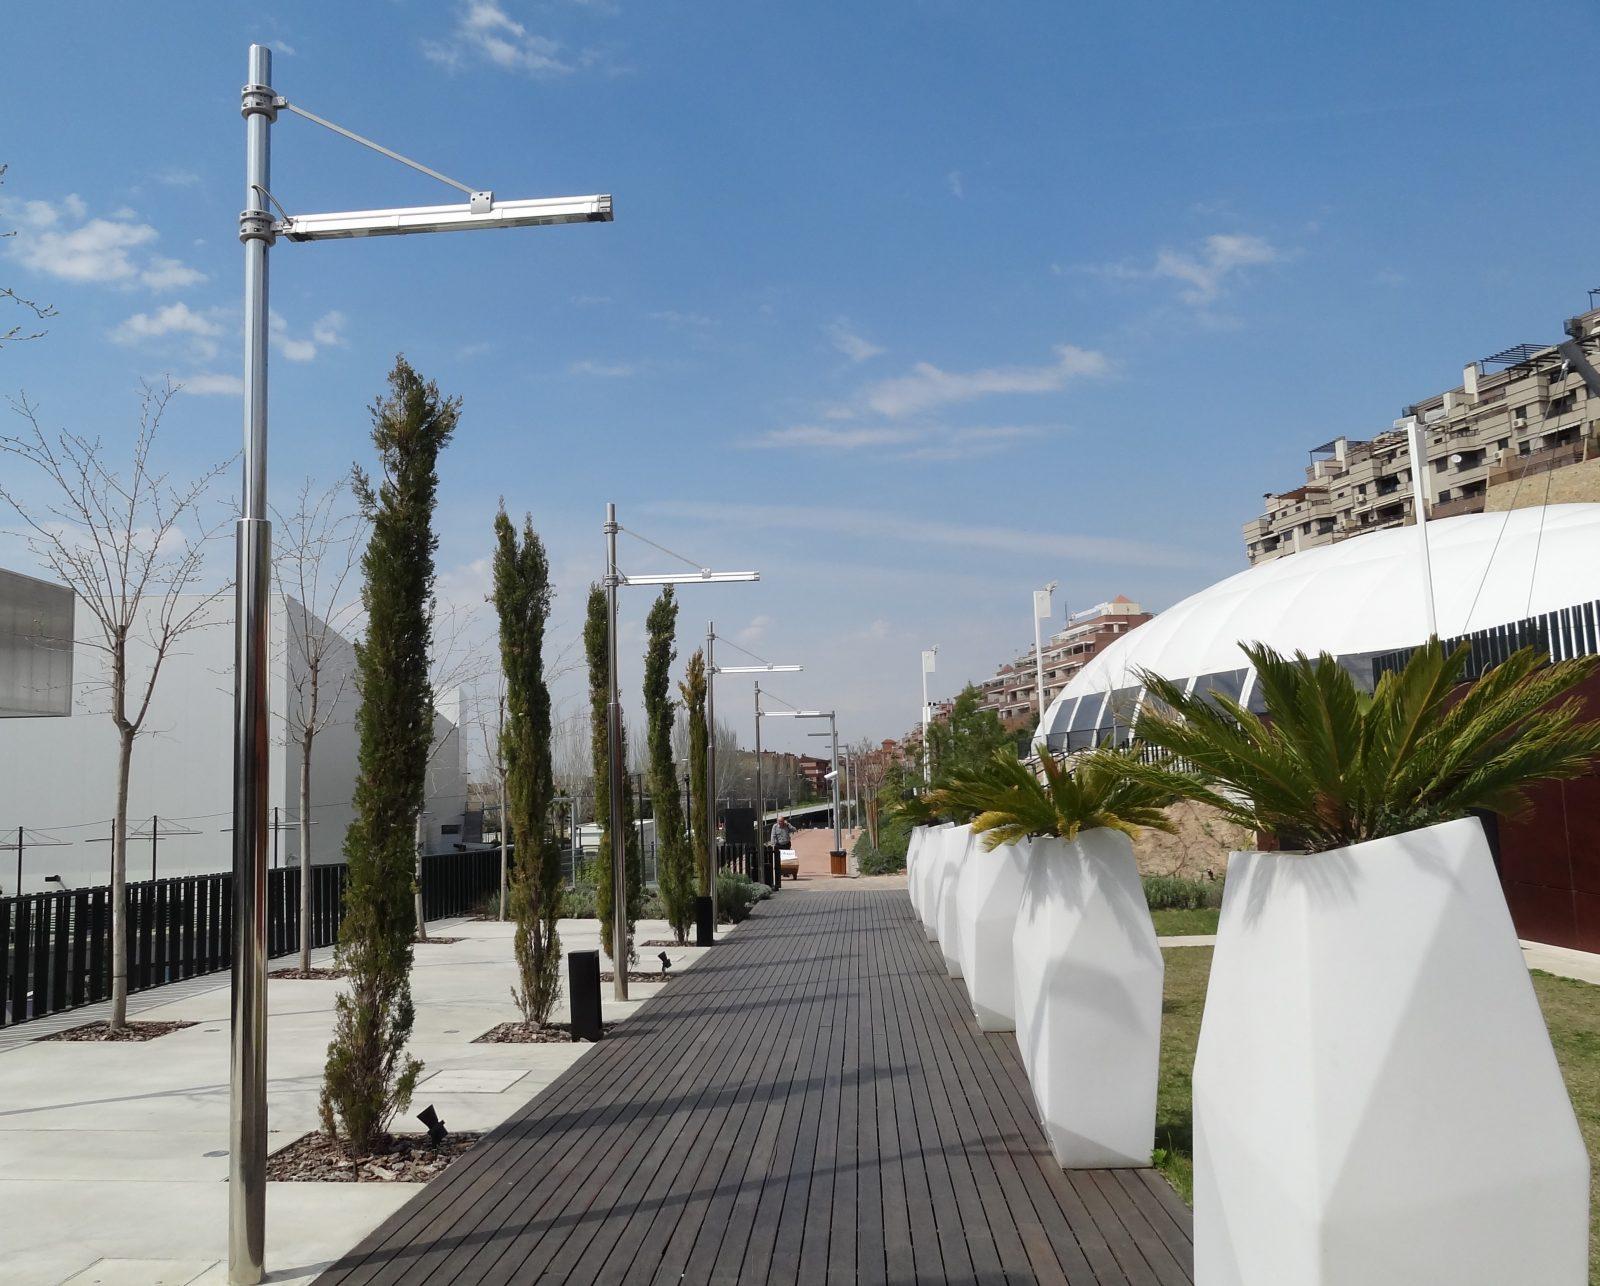 Upper Club Serrallo